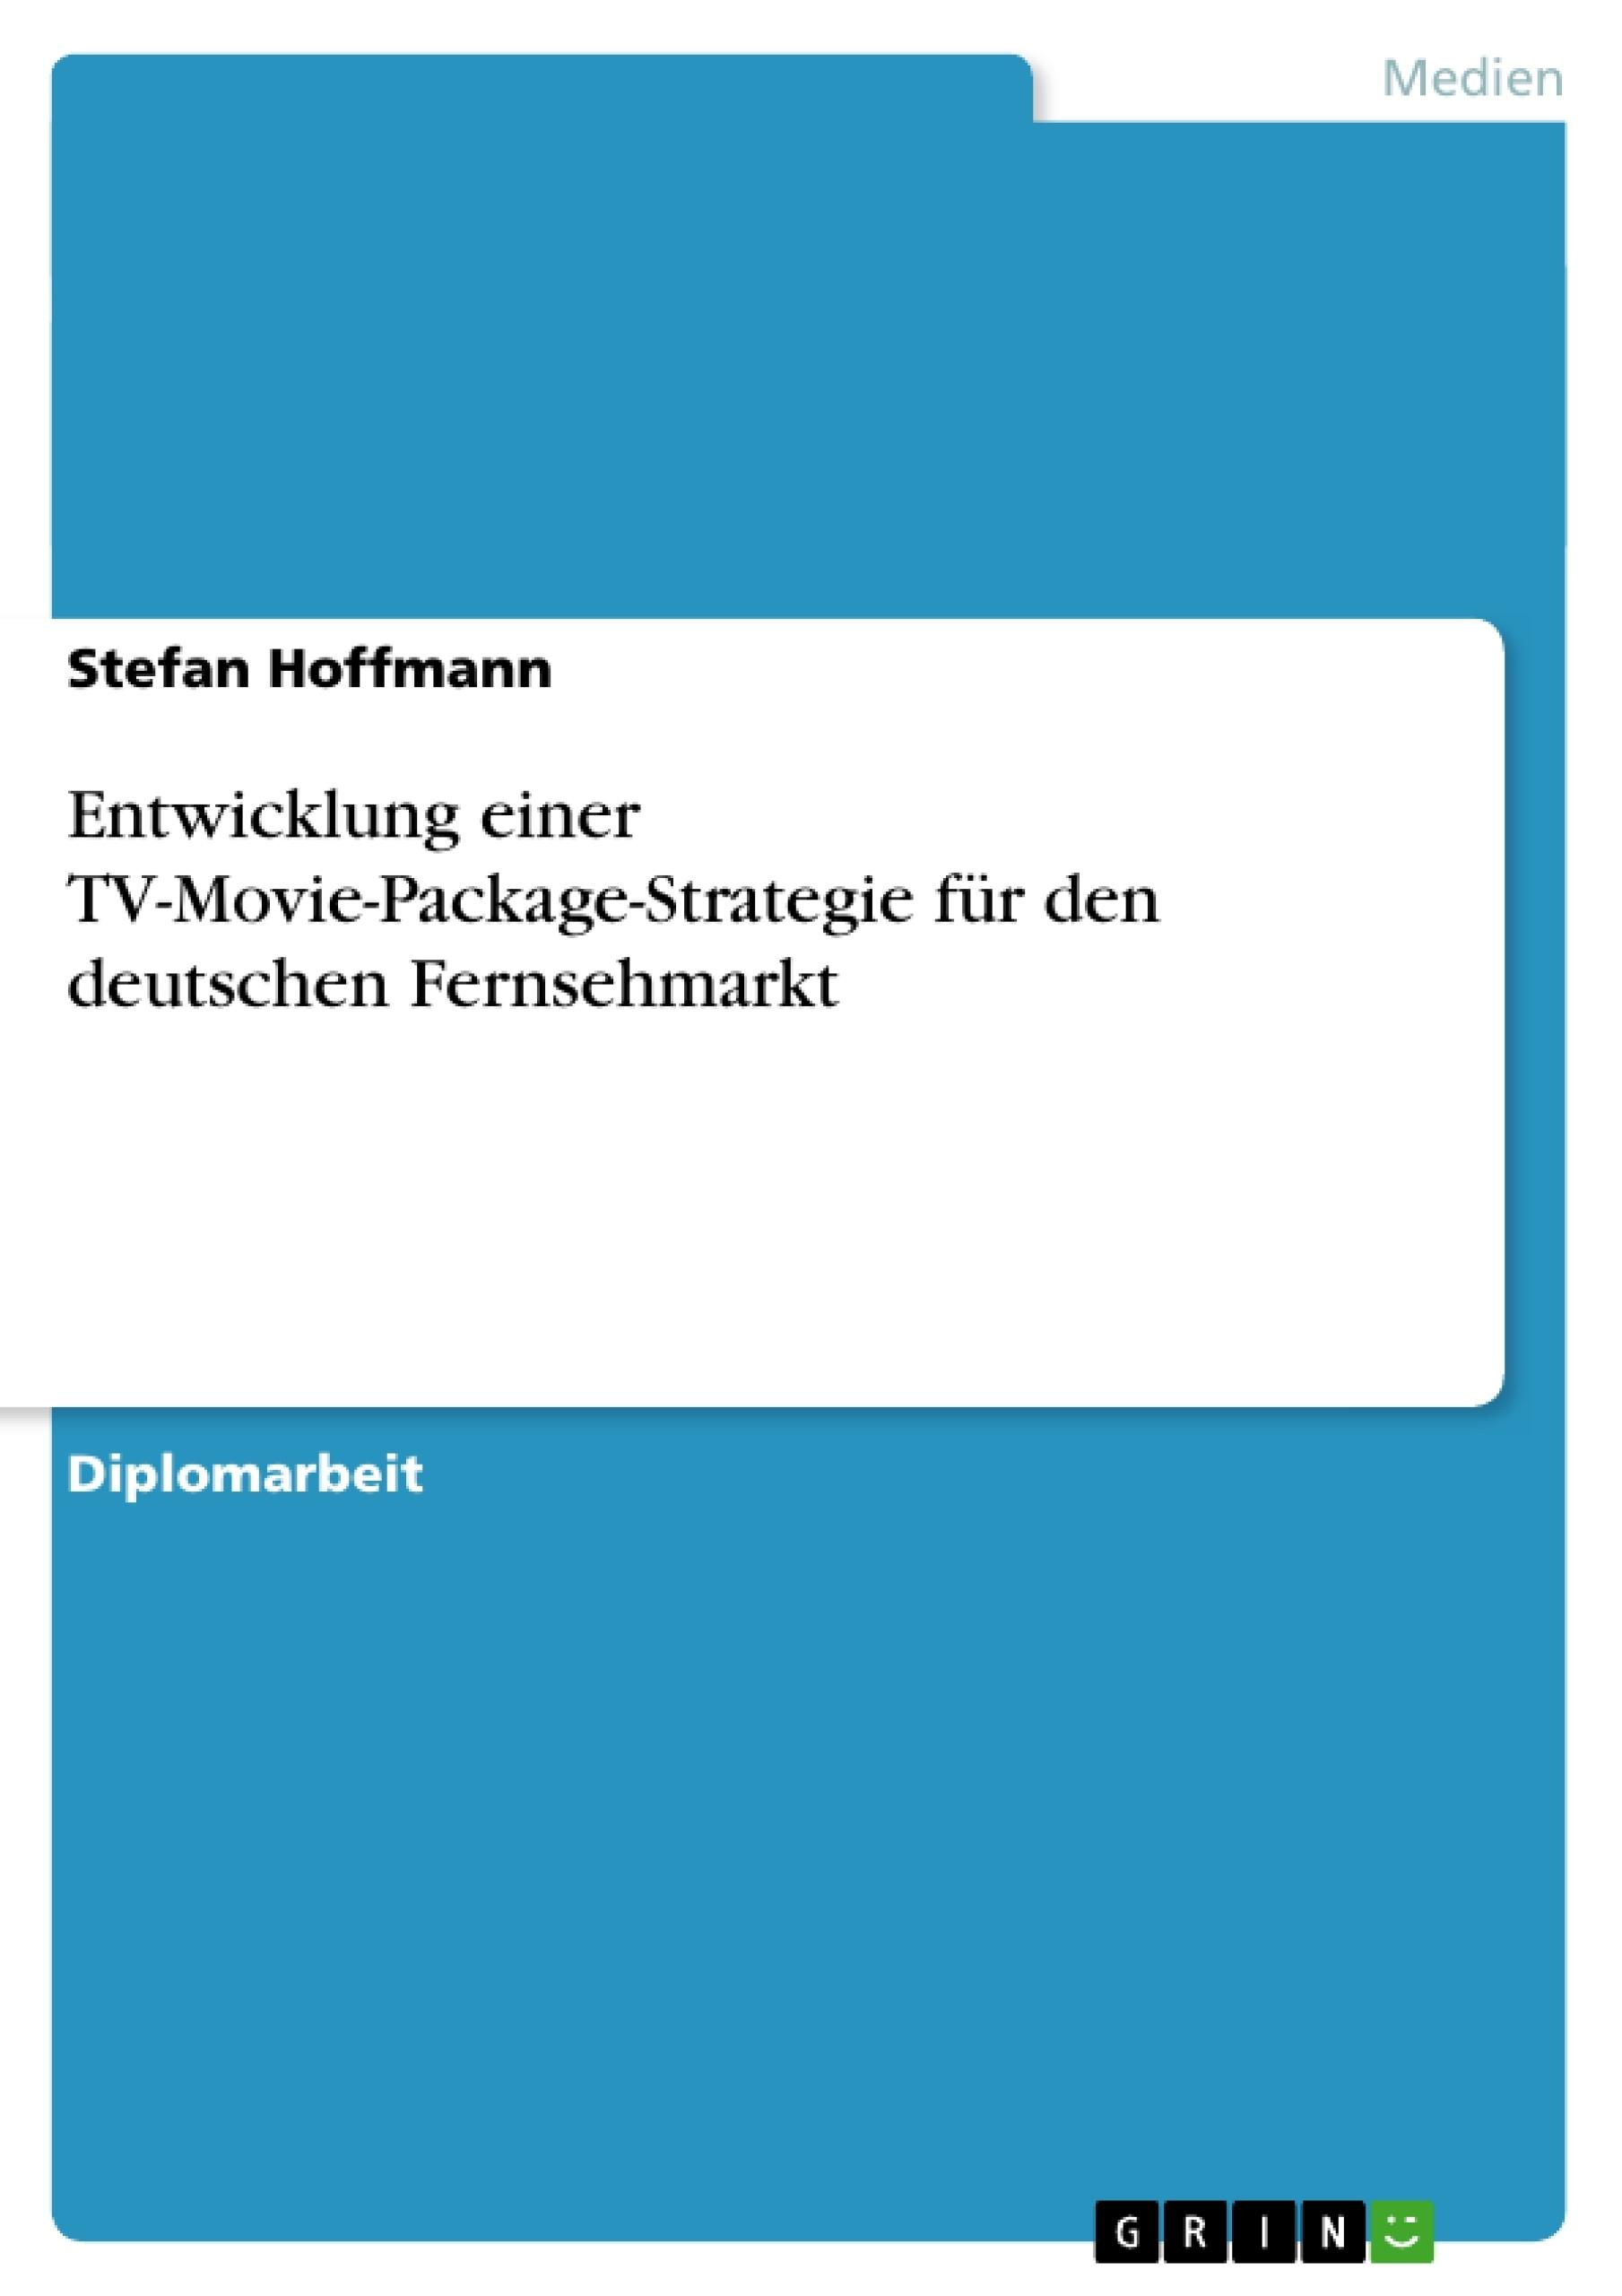 Titel: Entwicklung einer TV-Movie-Package-Strategie für den deutschen Fernsehmarkt